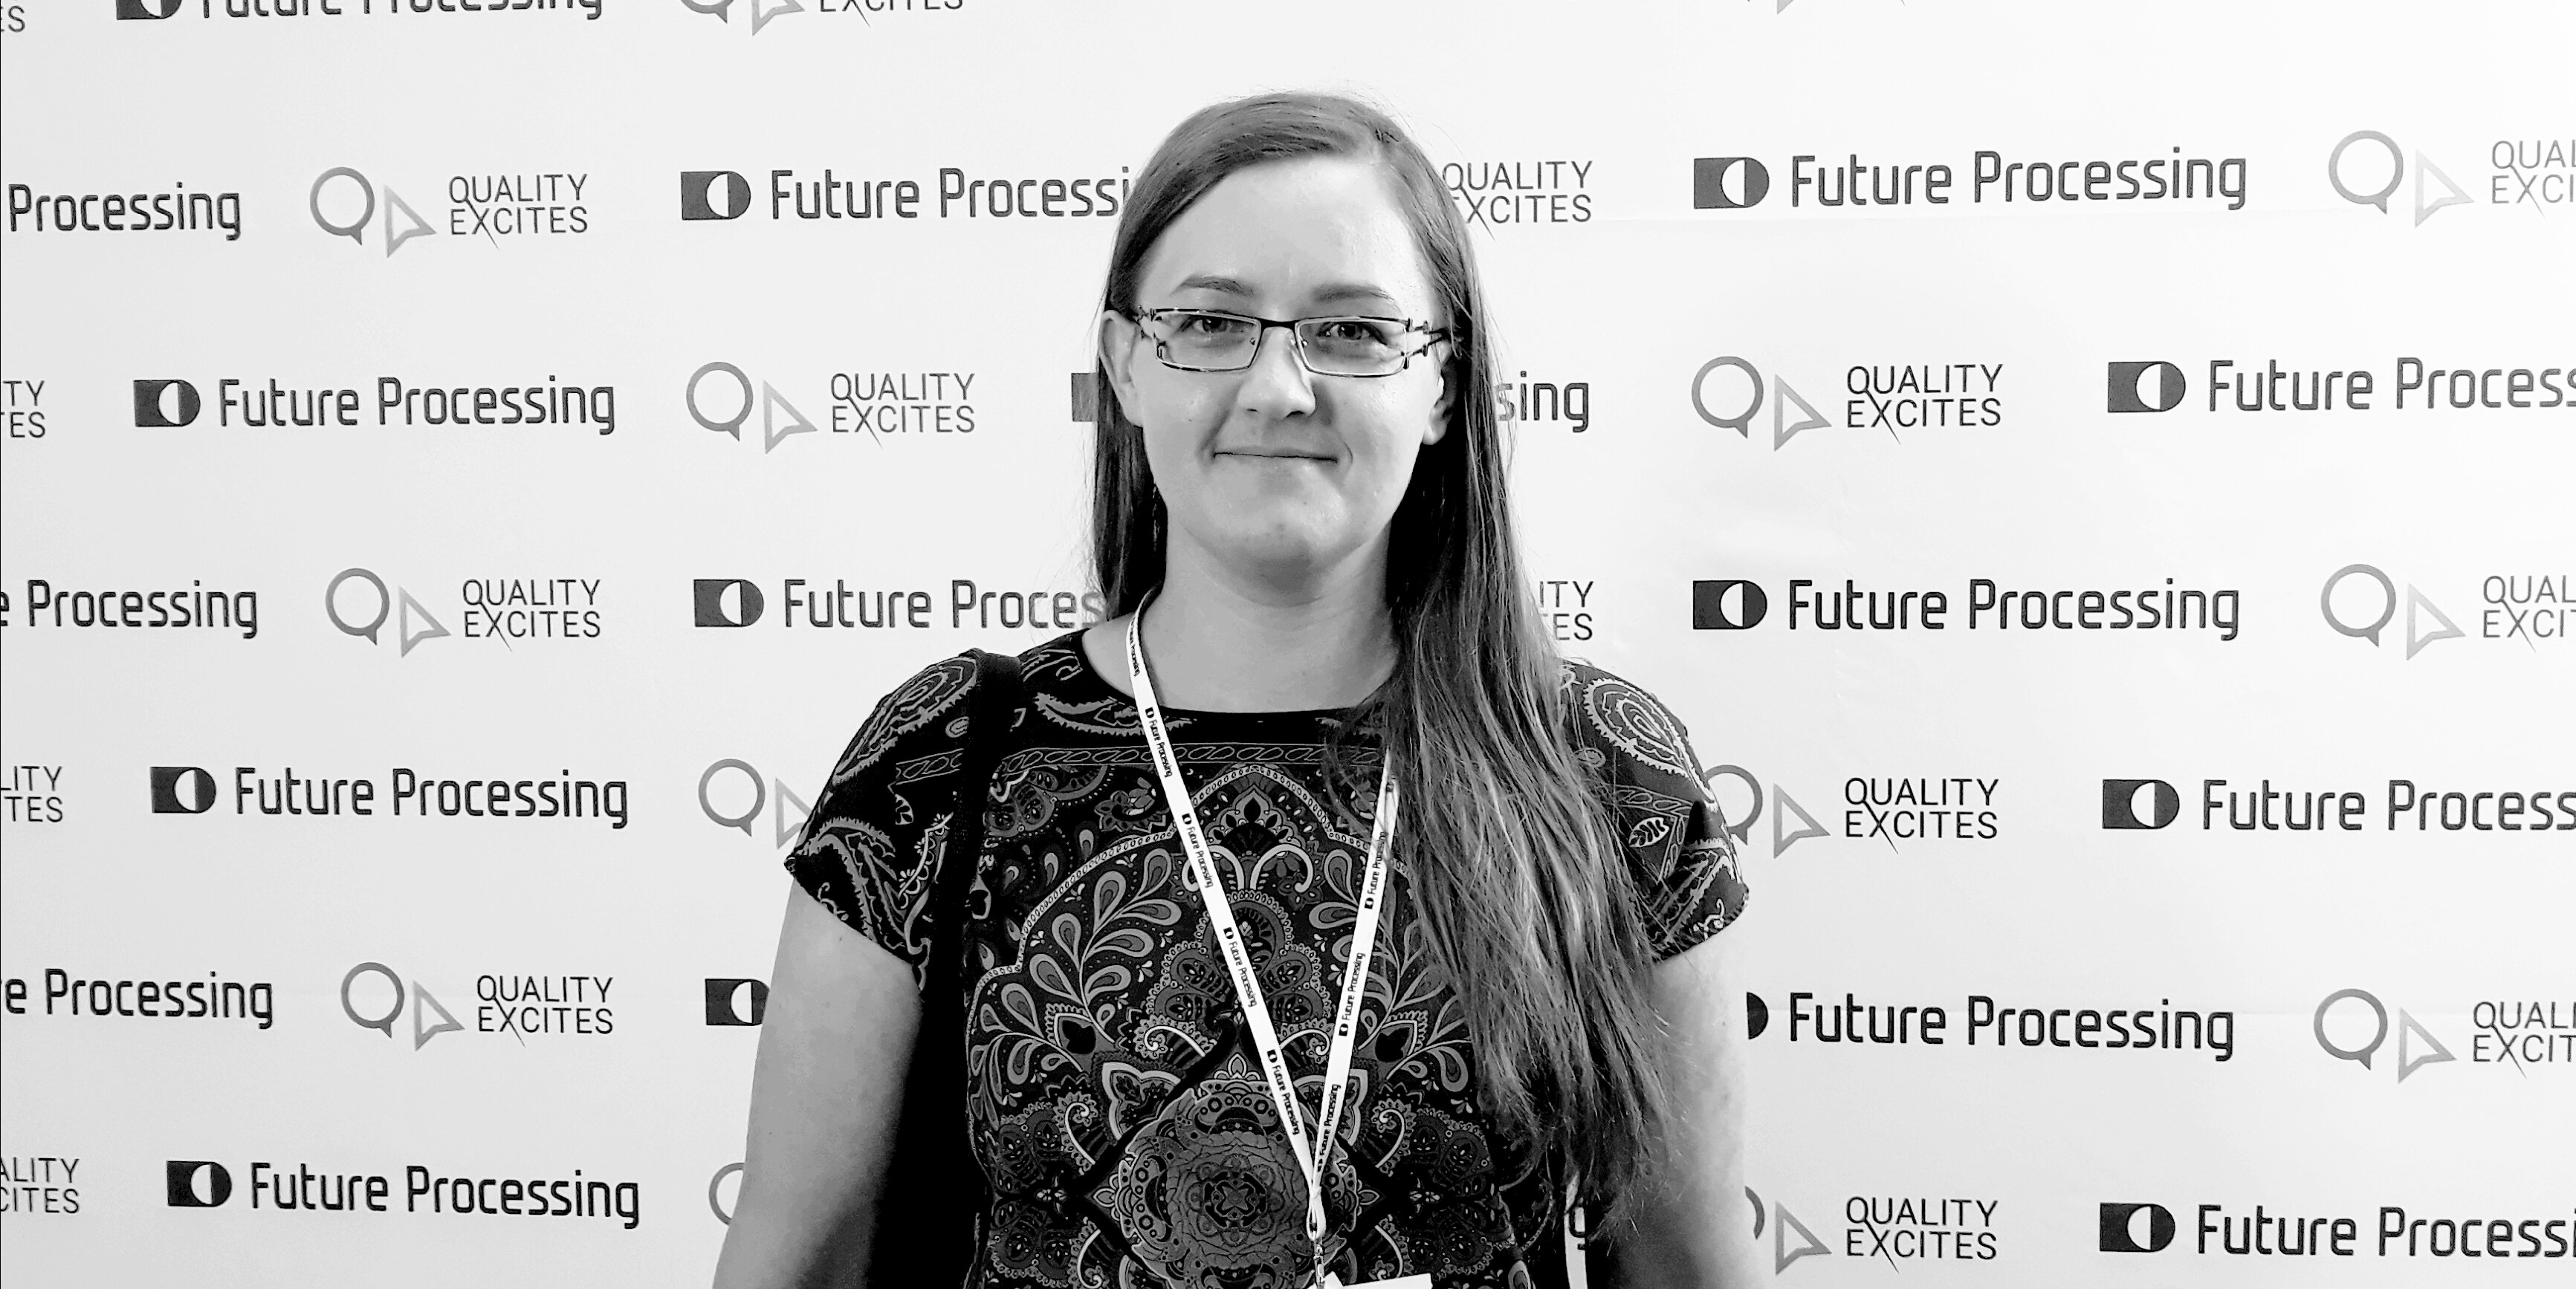 Basia Kozioł na ściance konferencji z napisami Quality Excites i Future Processing.